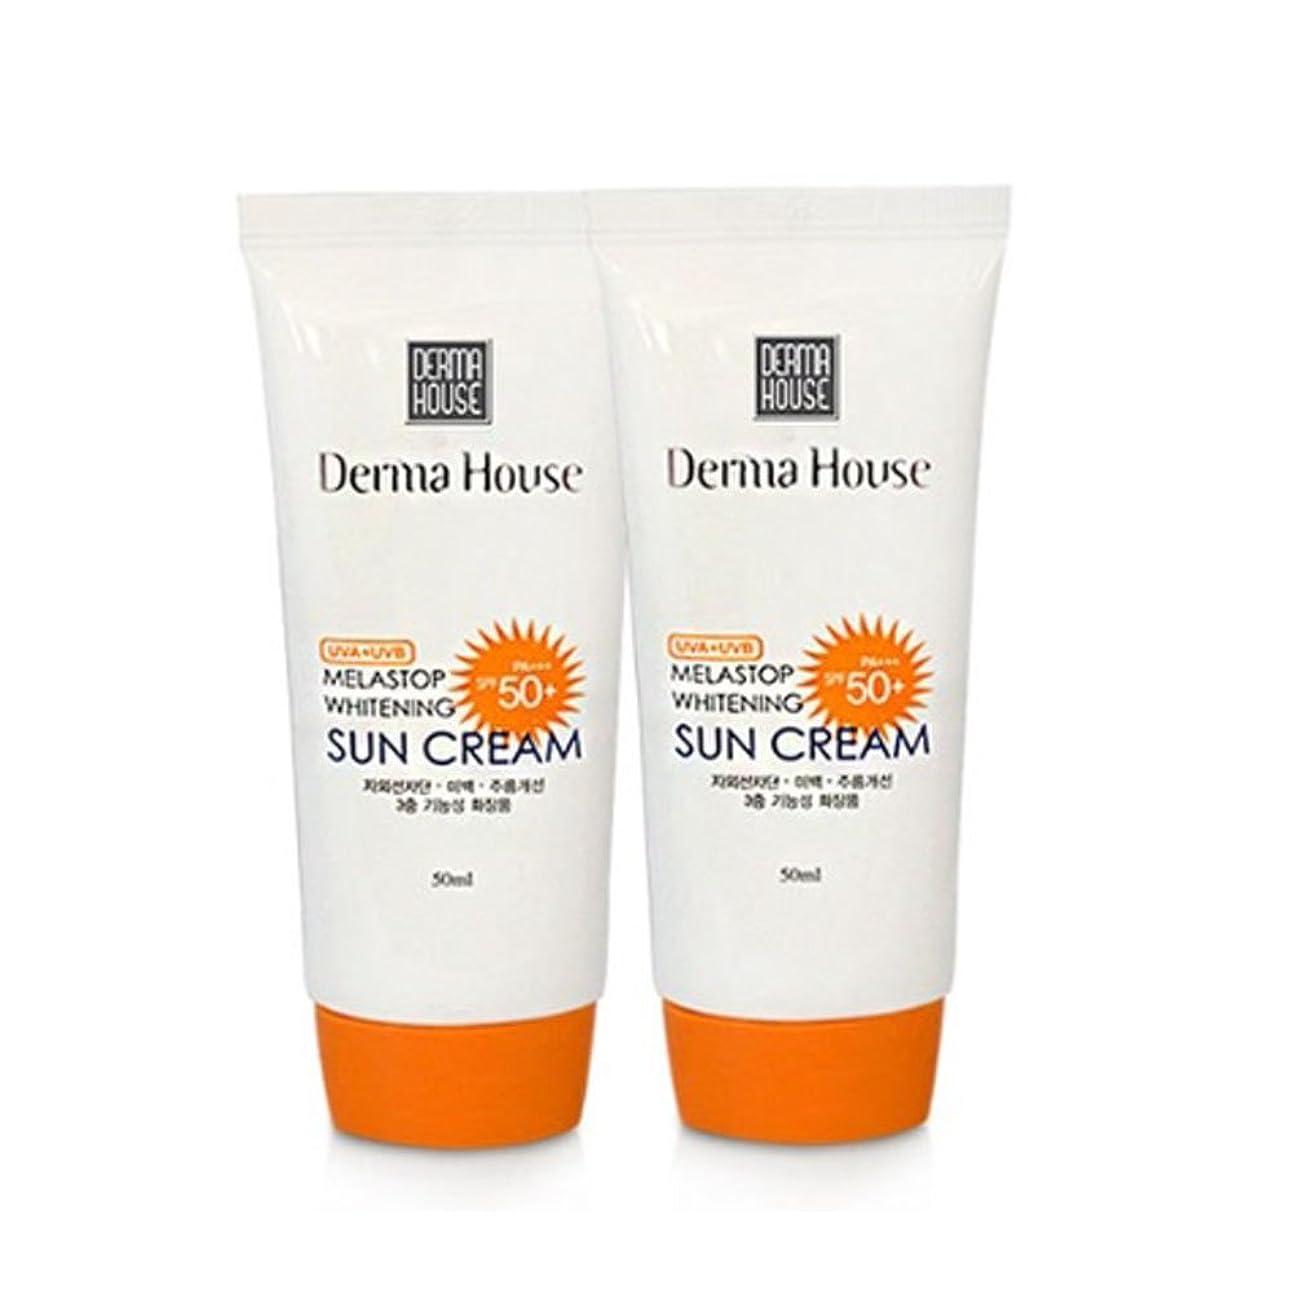 延ばす裁定寛大さドマハウス(Derma House) メルラストップホワイトニングサンクリームSPF50+PA+++50ml x 2本セットDerma House Melastop Whitening Sun Cream SPF50+PA+++50ml x 2ea Set[並行輸入品]